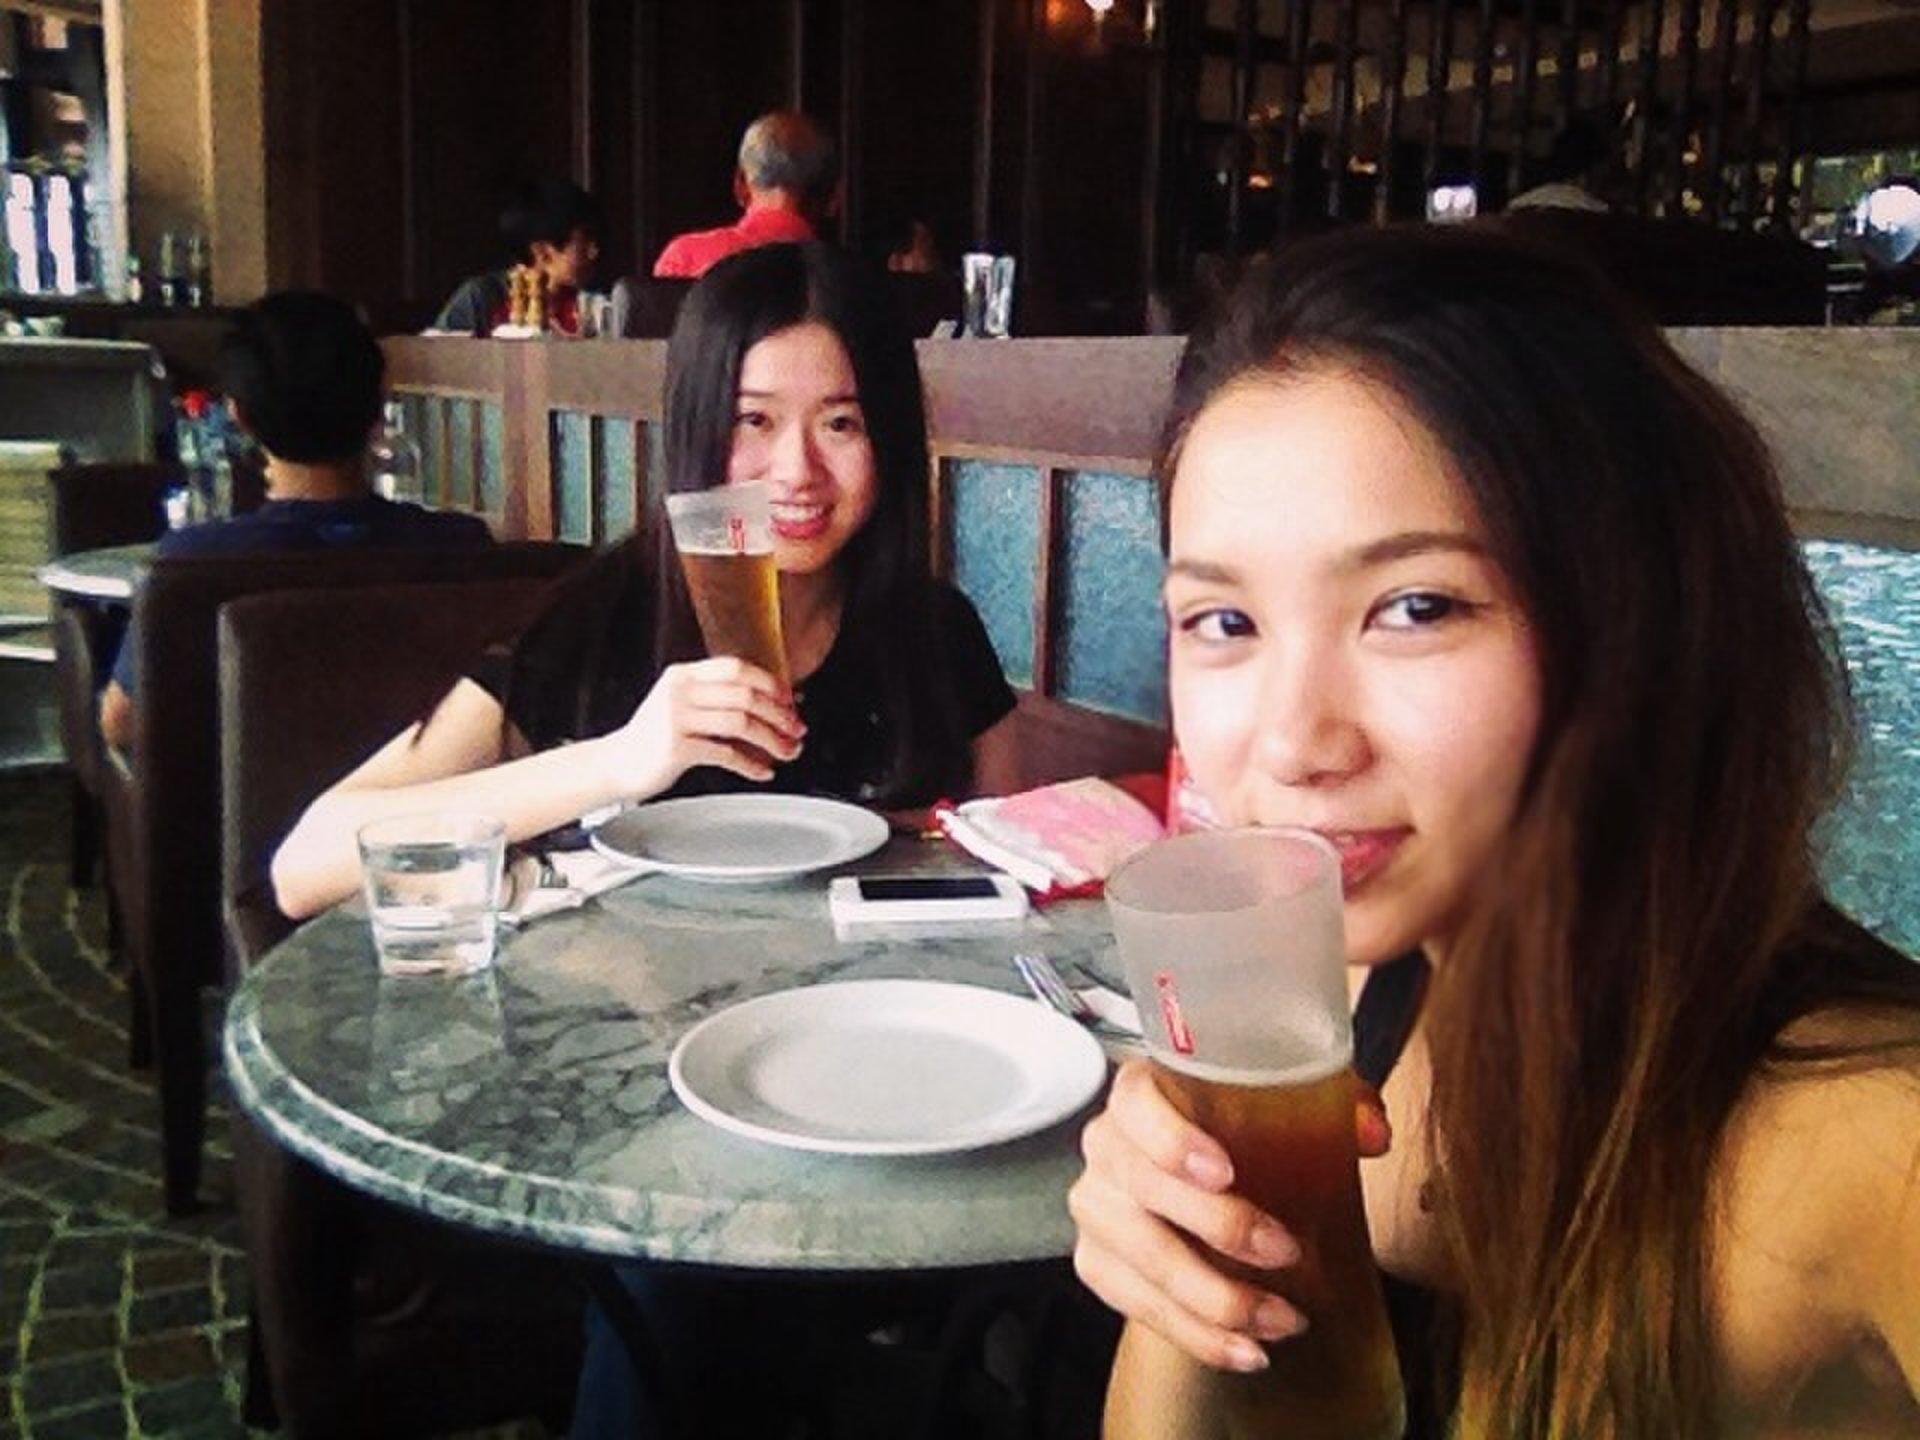 昼からビール!贅沢なのに2000円ランチ★女子会やあらゆる場面に使えるお勧めイタリアン